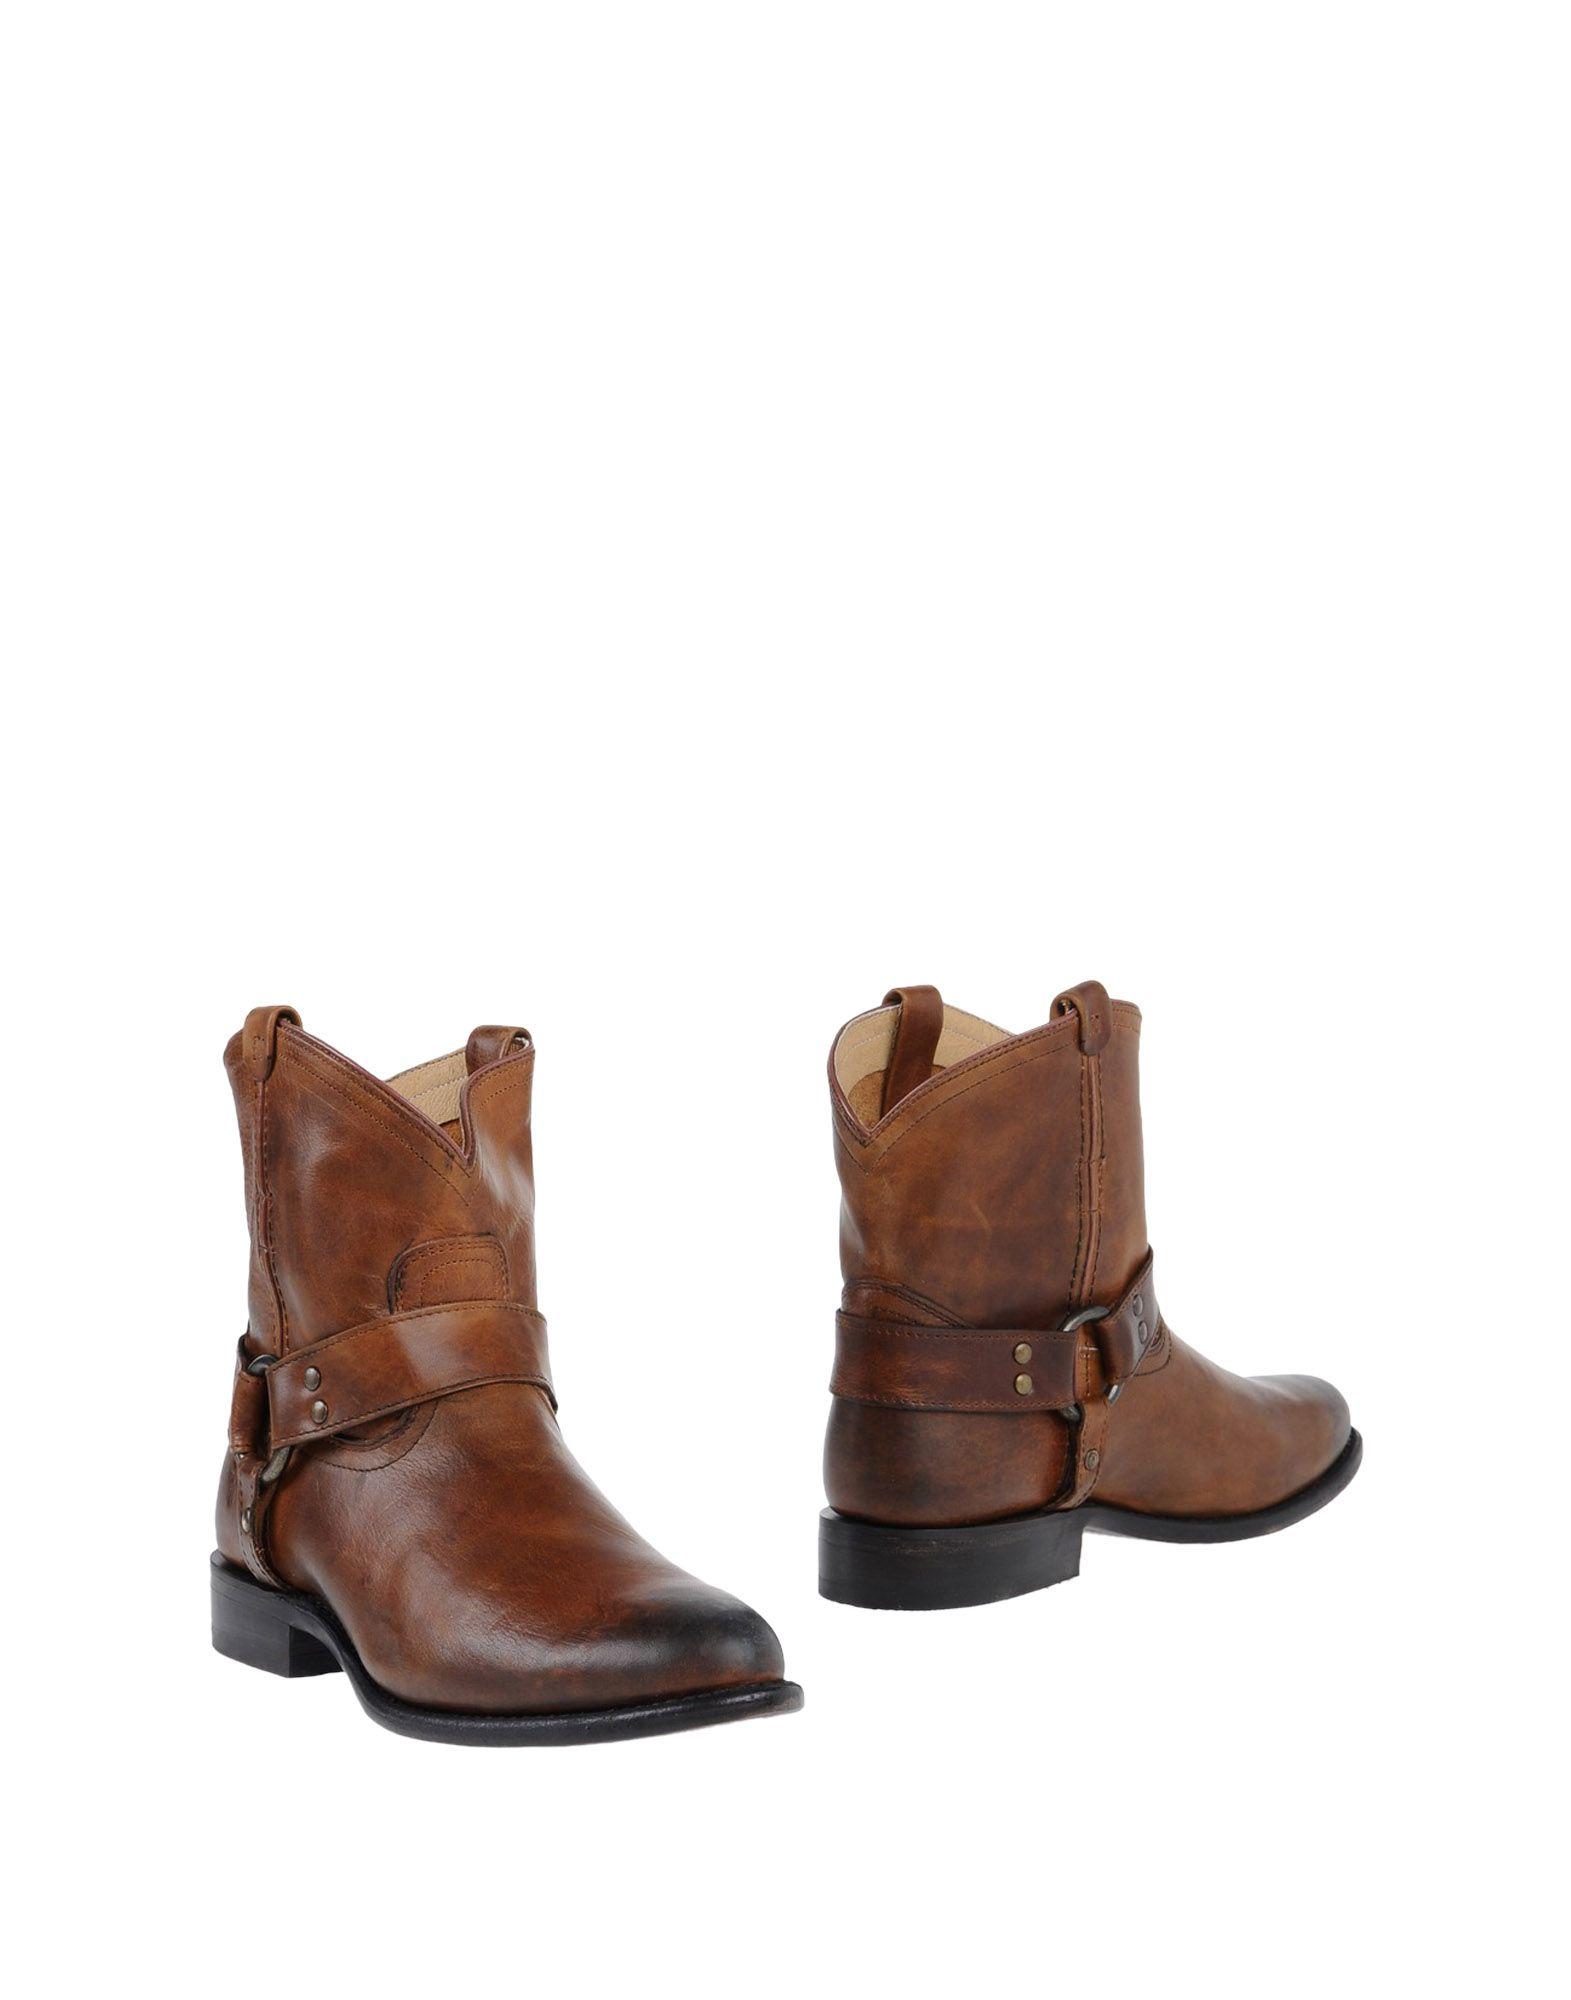 Haltbare Mode billige Schuhe Frye Stiefelette Damen  11021857UF Heiße Schuhe